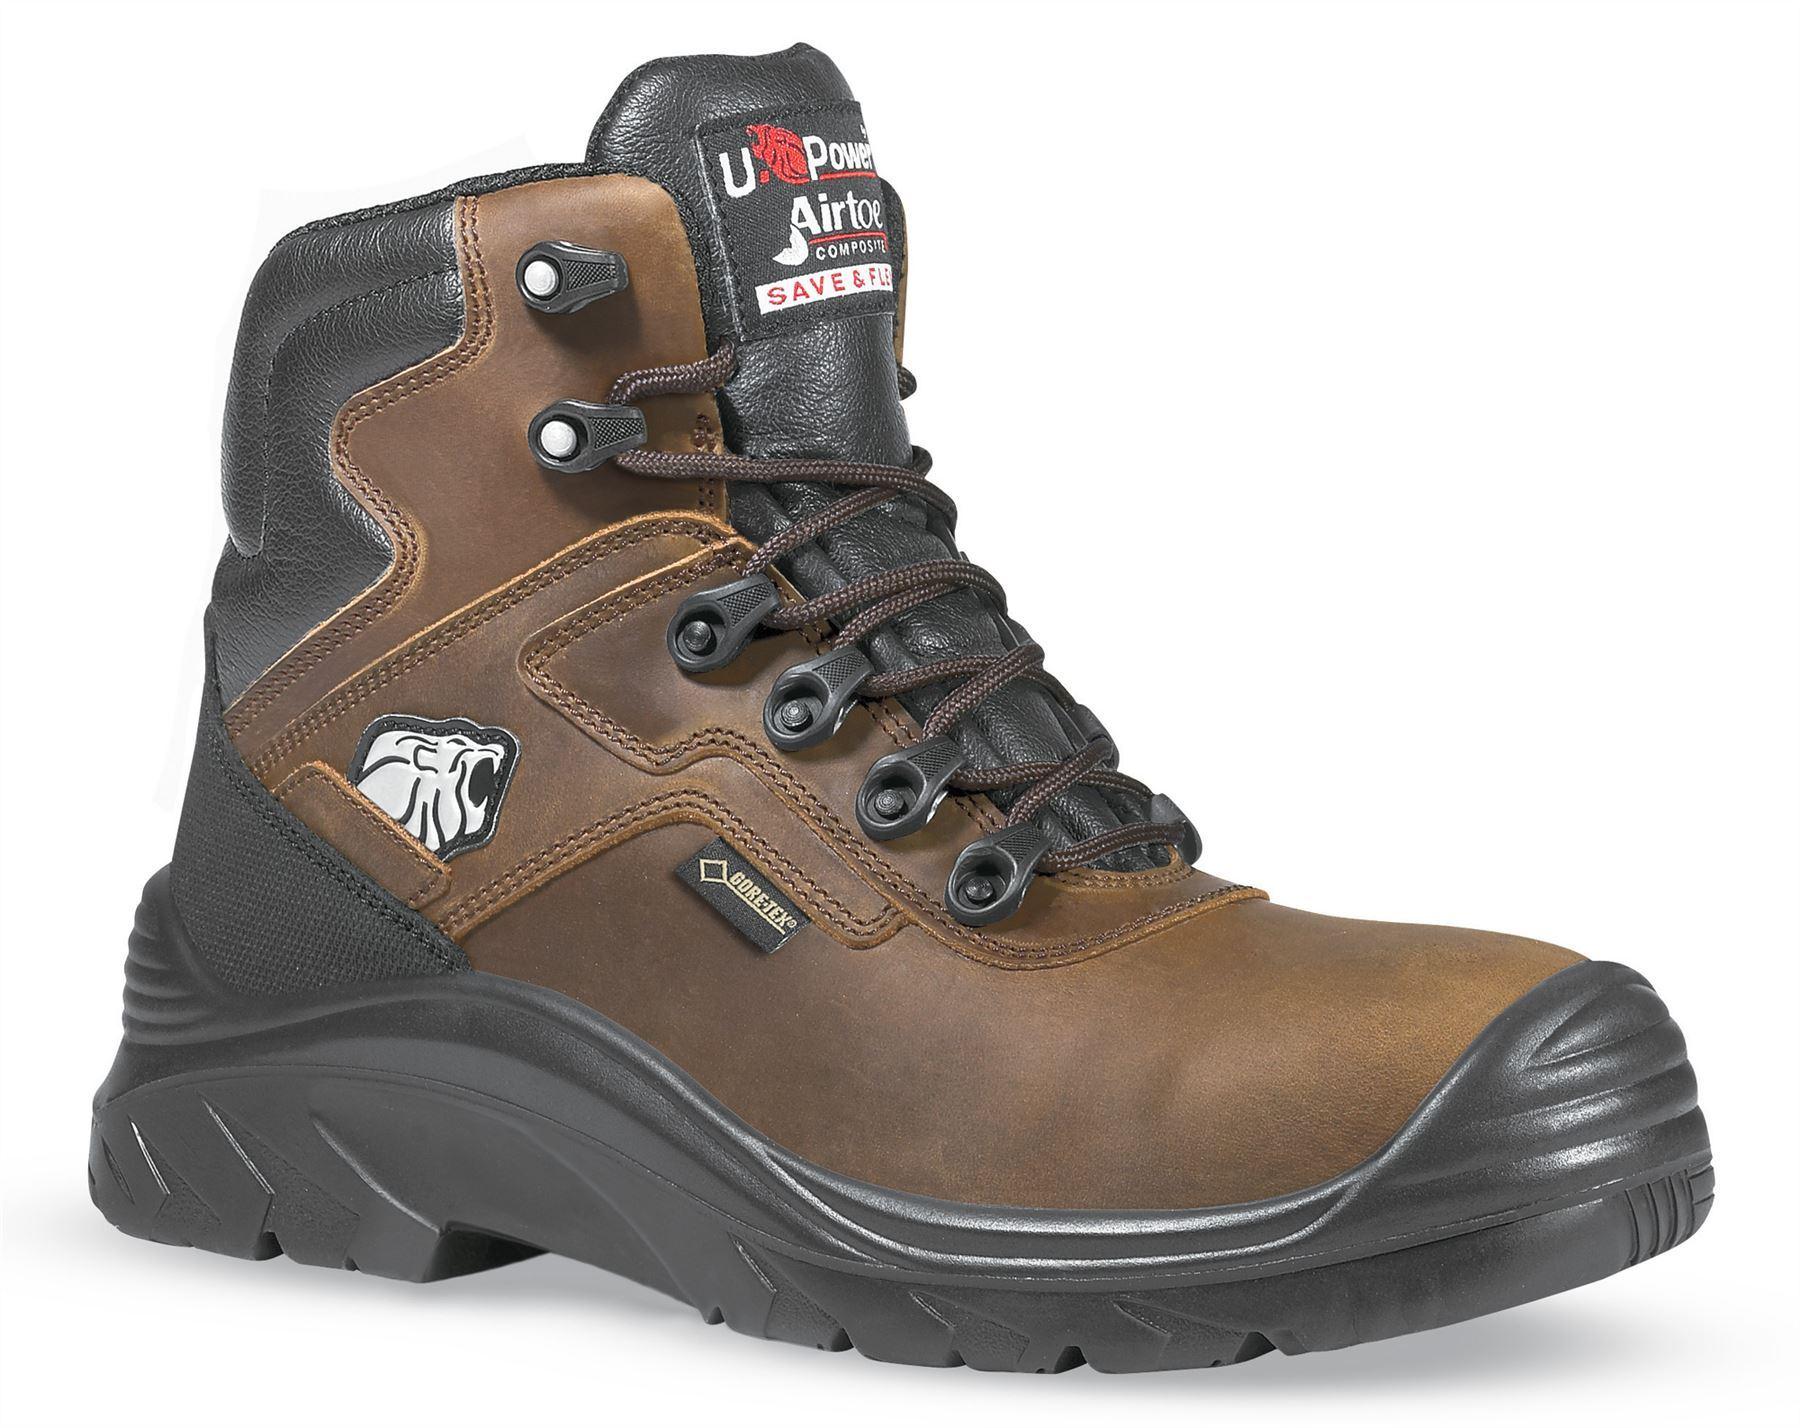 fba179a25c1 Botas de seguridad U-Power para hombre. Estas botas son totalmente cargadas  con un grano completo impermeable cuero superior, transpirable de Gore-Tex  y ...